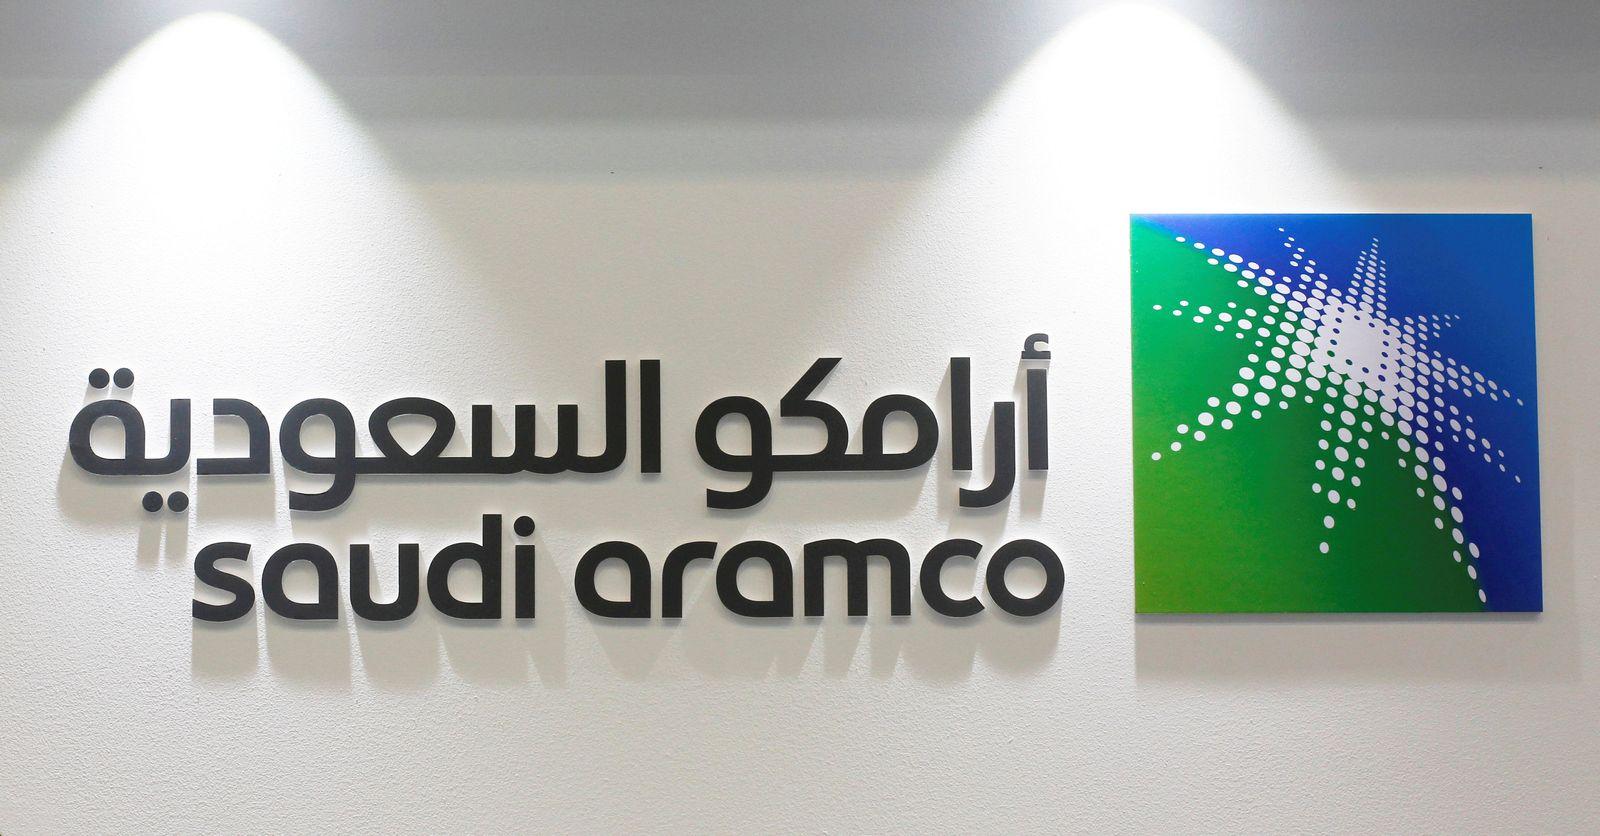 SAUDI ARAMCO-IPO/